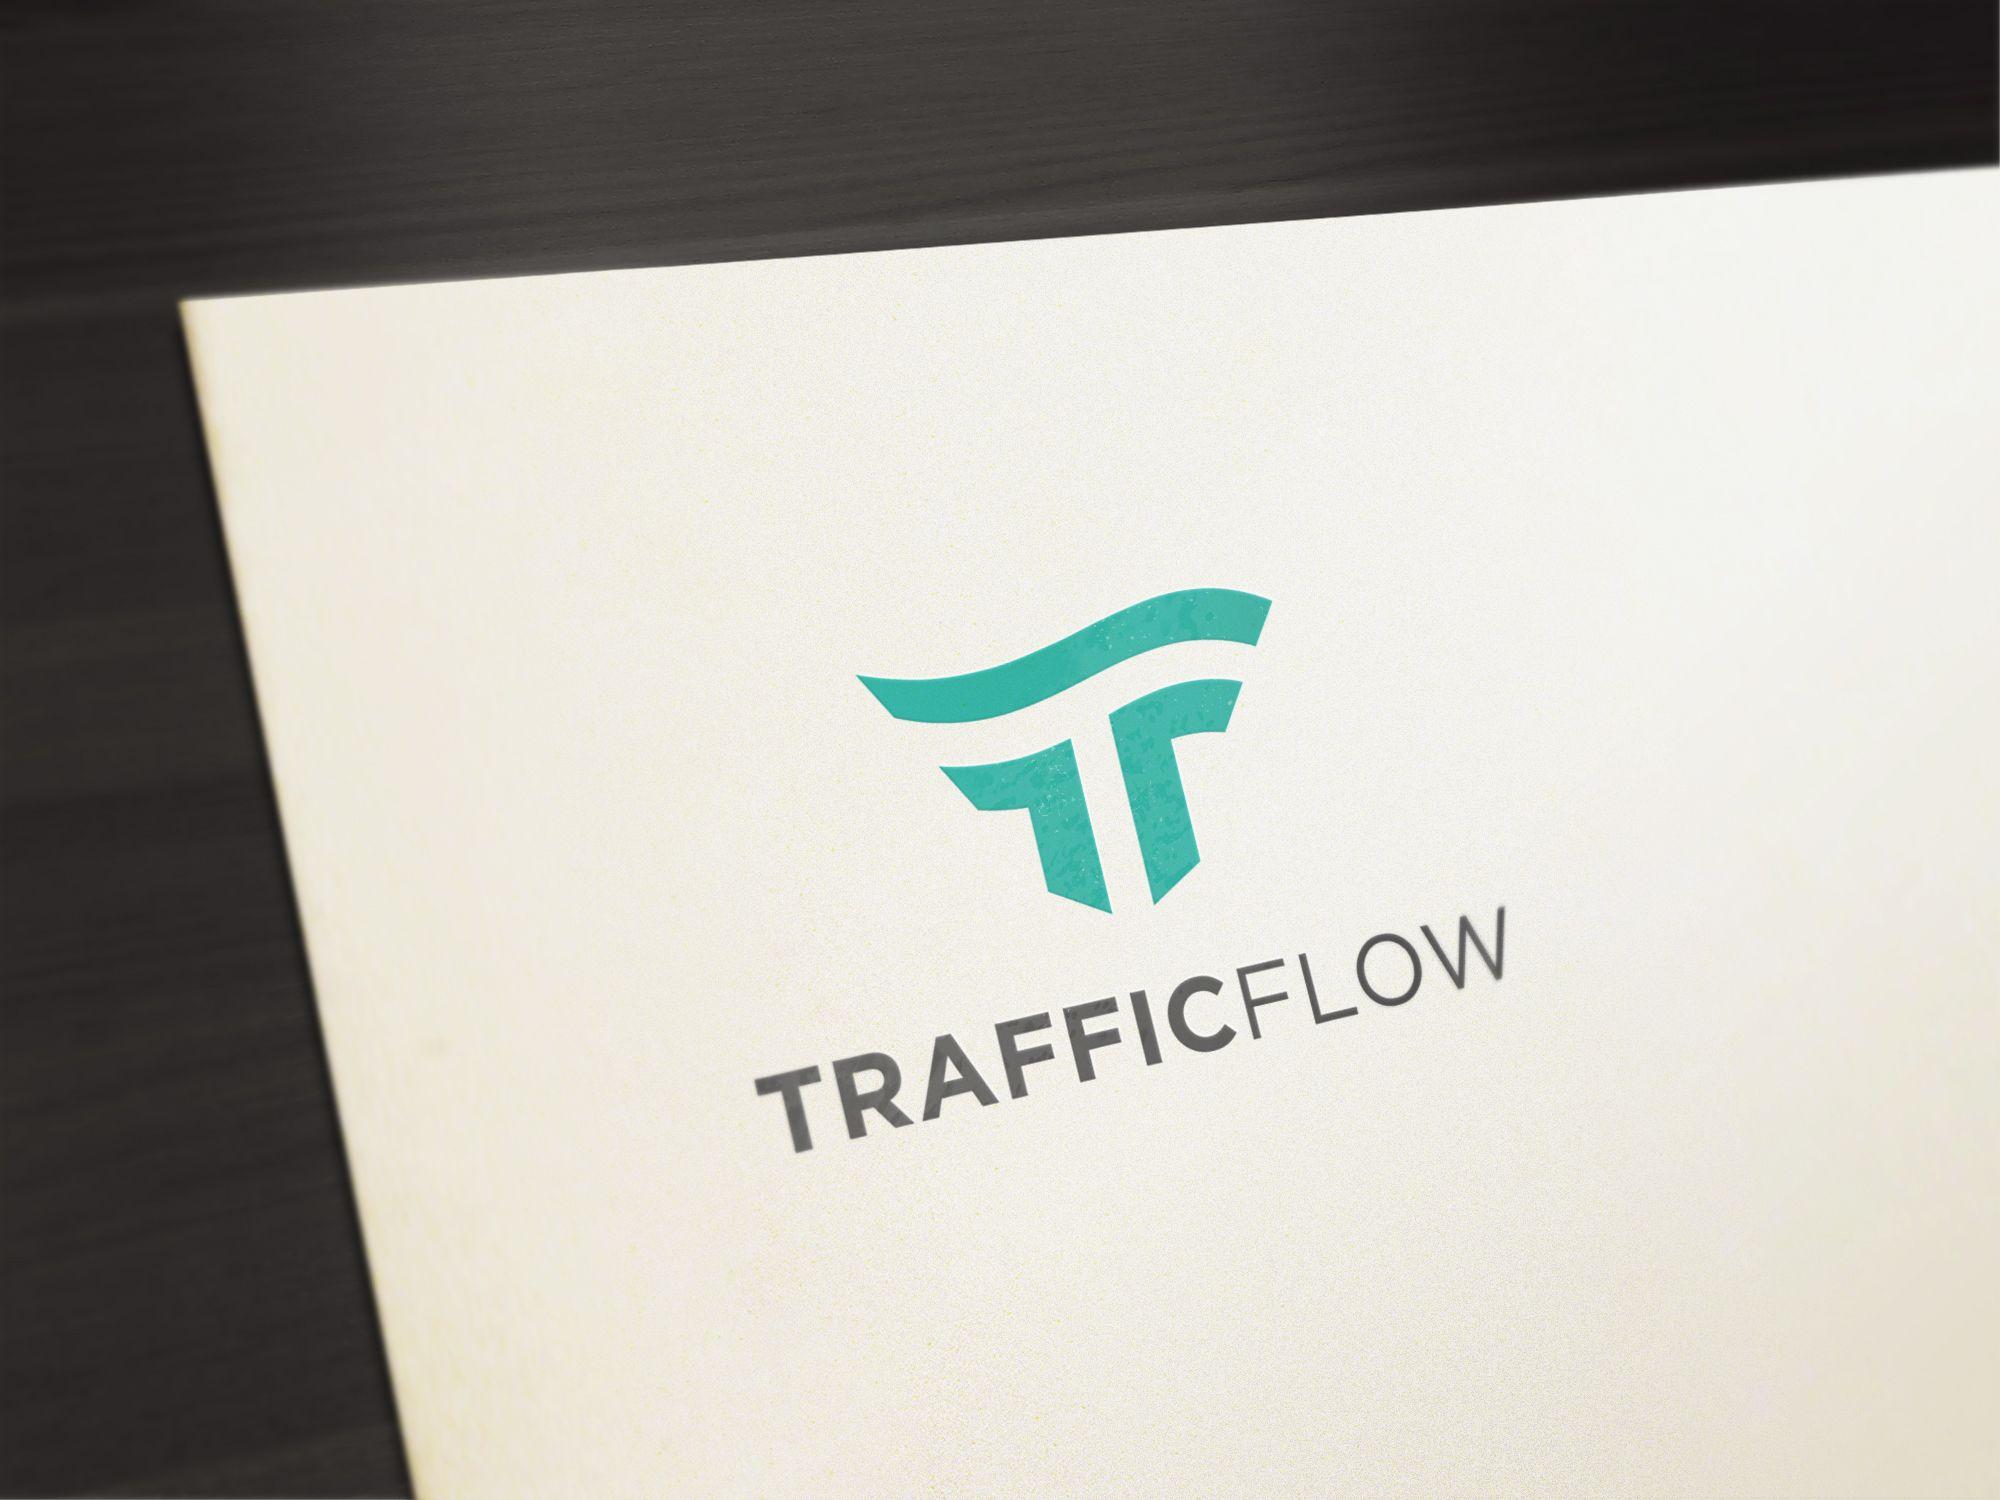 Лого и фирменный стиль для Traffic Flow - дизайнер ironbrands